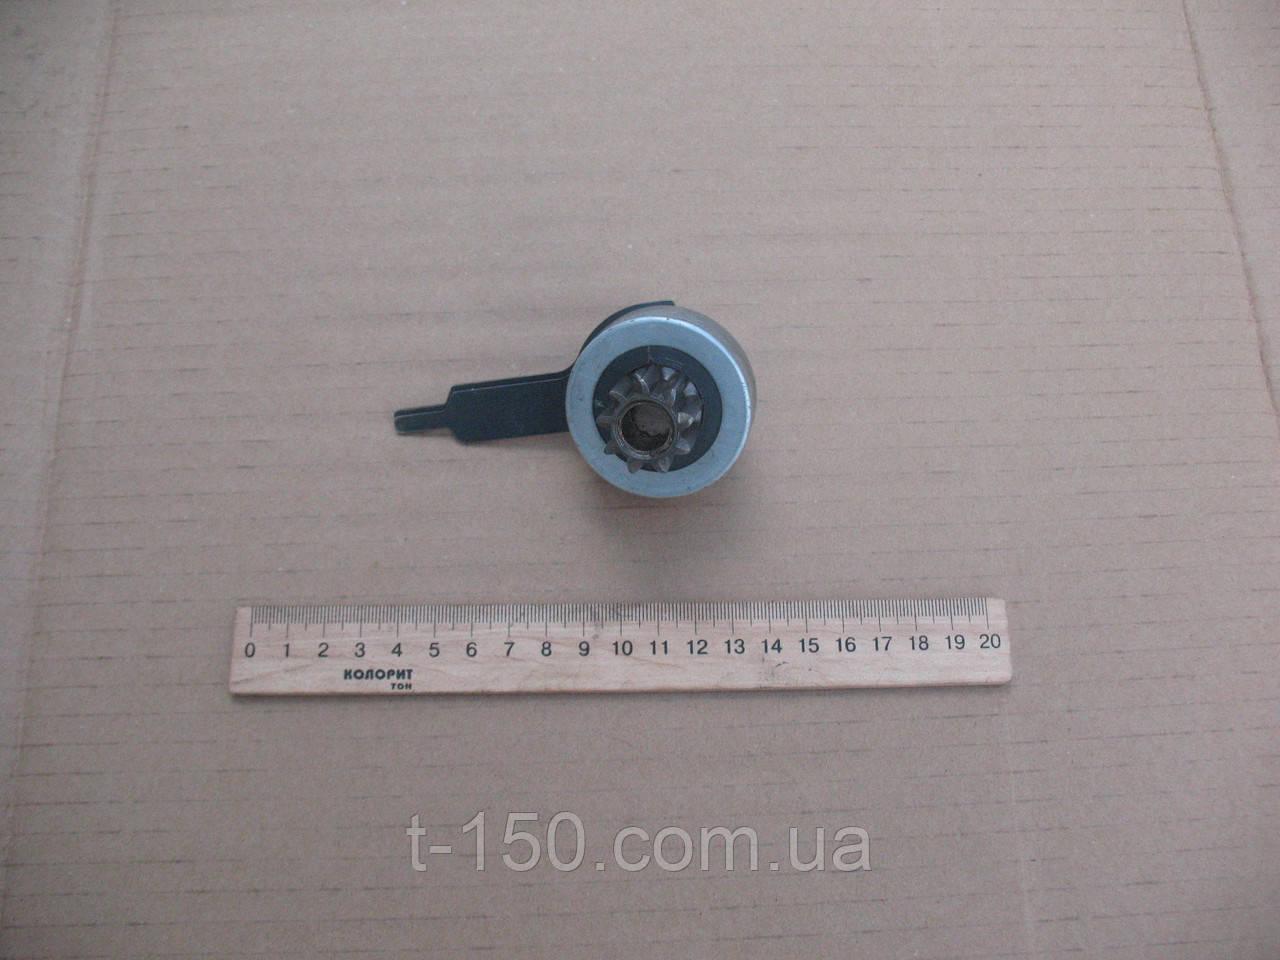 Привод стартера ГАЗ 3102, -31029 на стартер 5112 (пр-во БАТЭ) (5112.3708600)